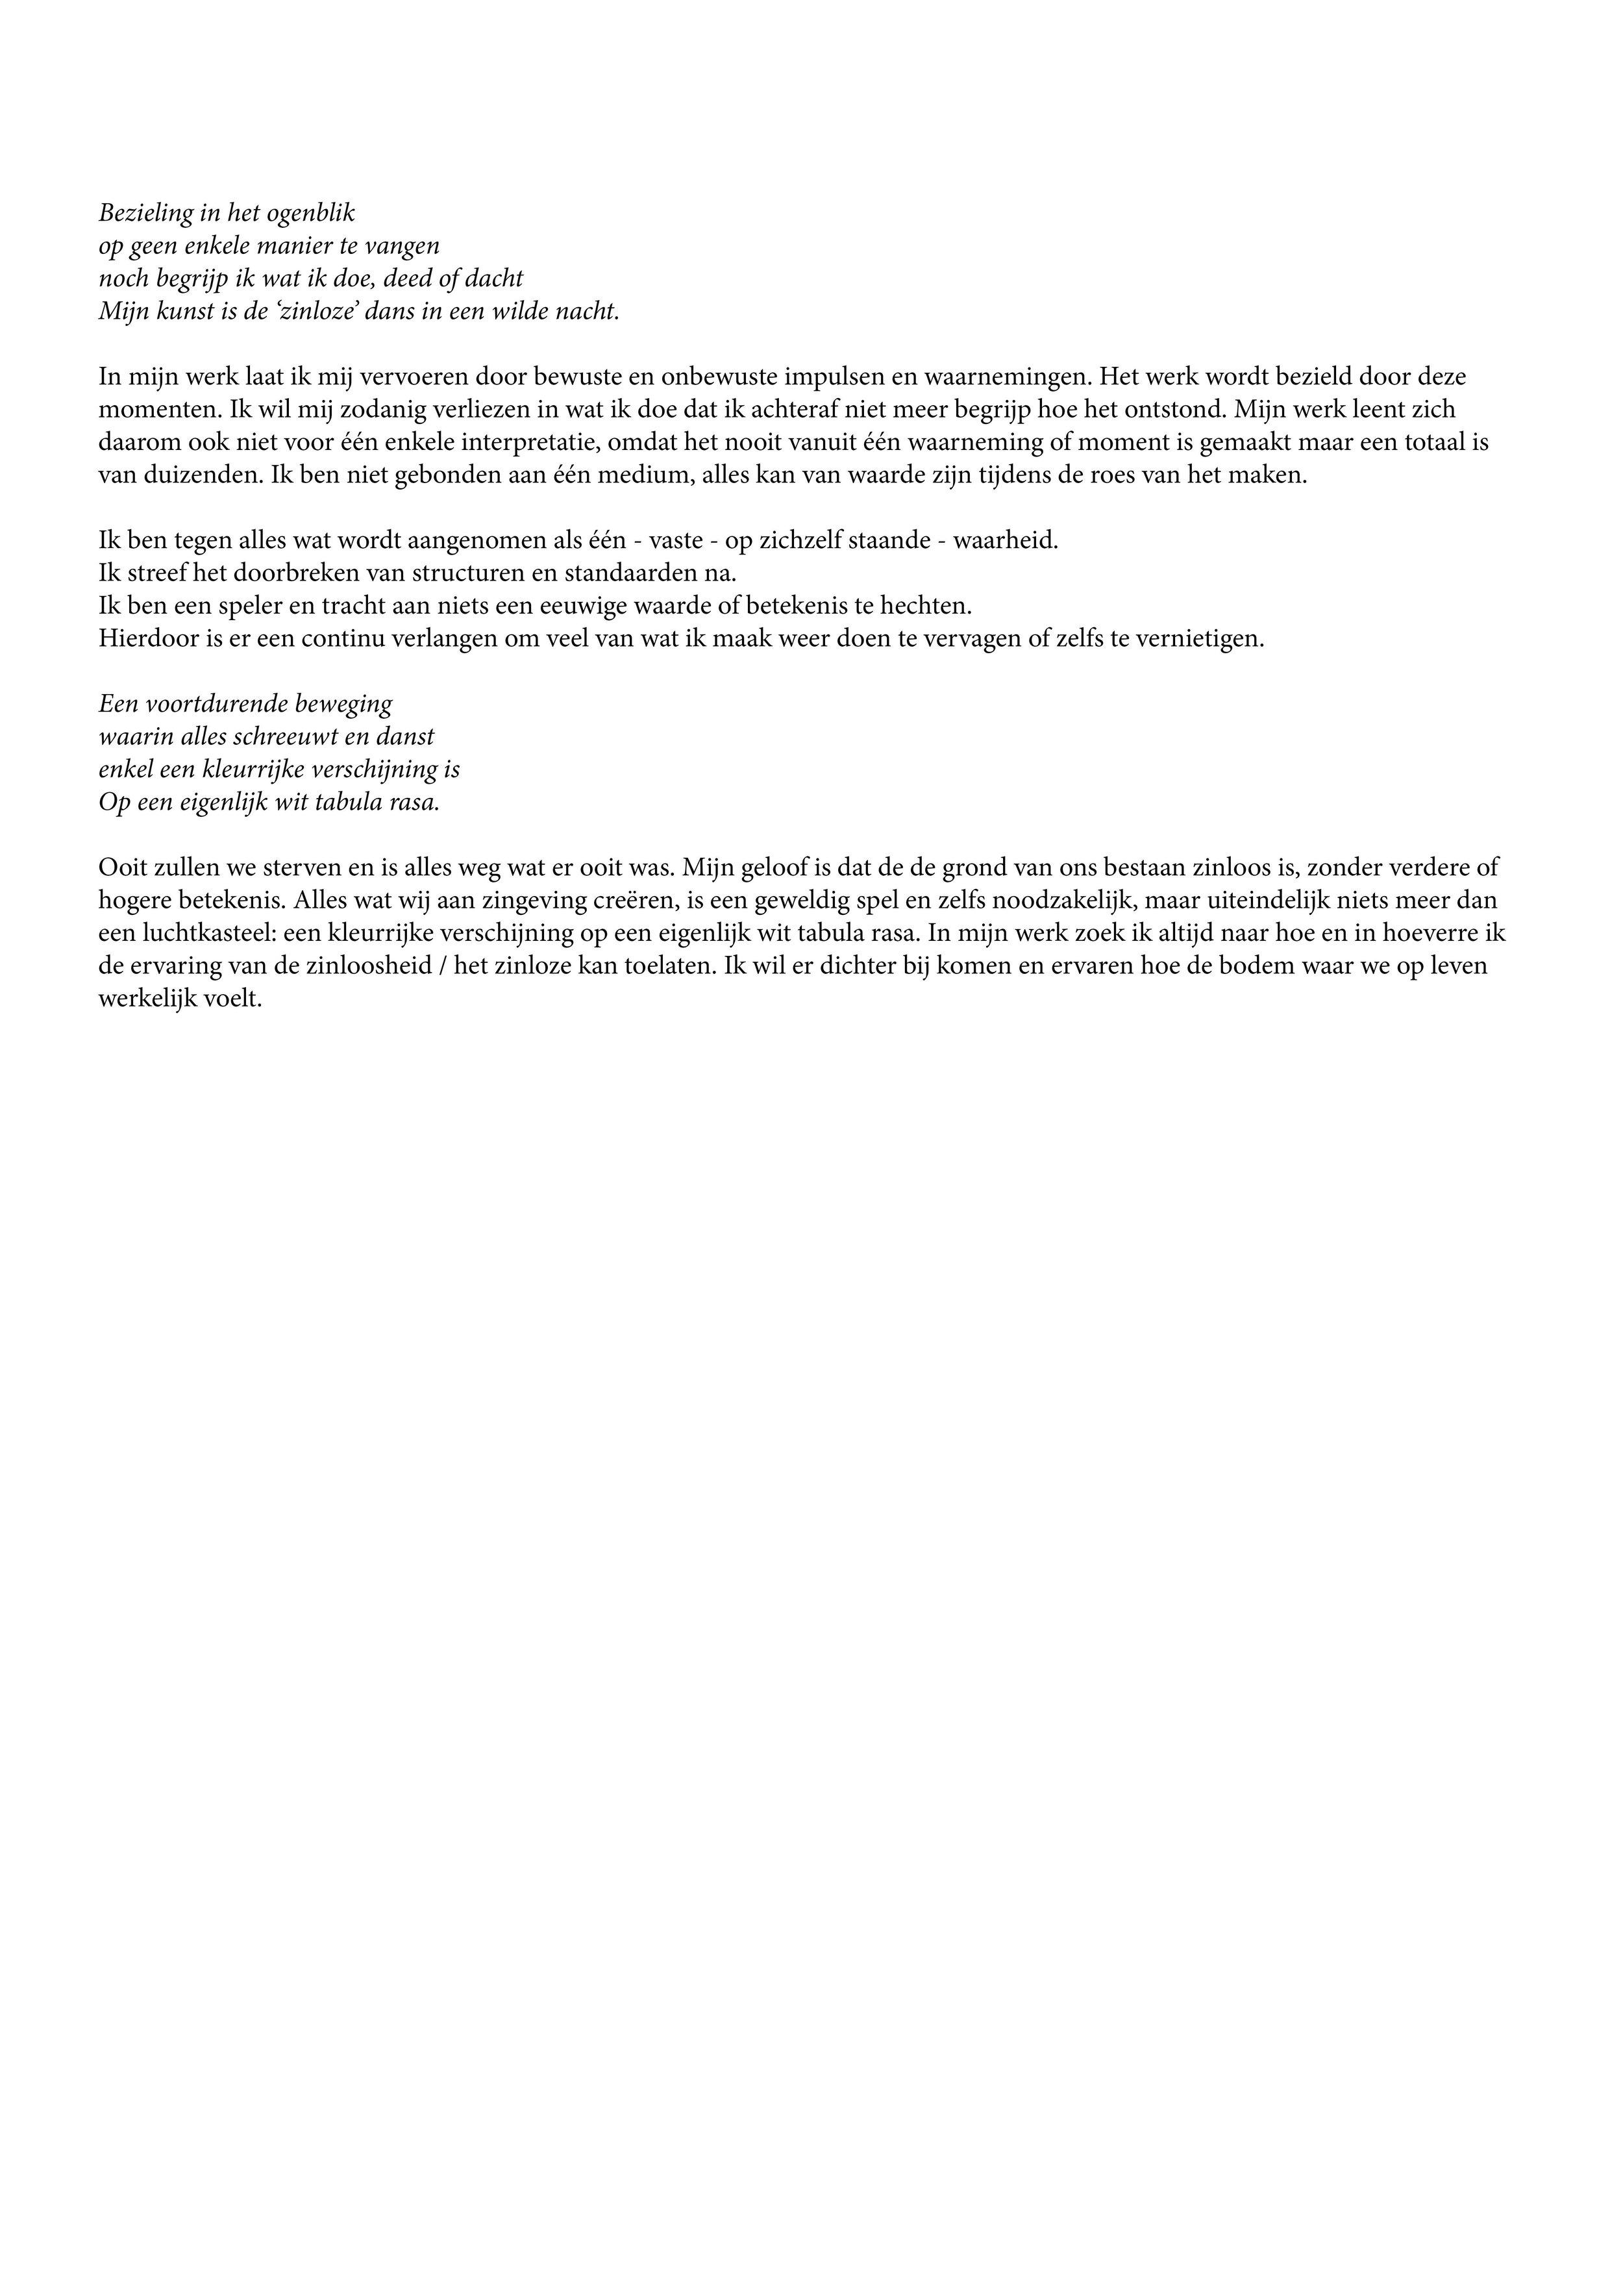 artist statement website.jpg